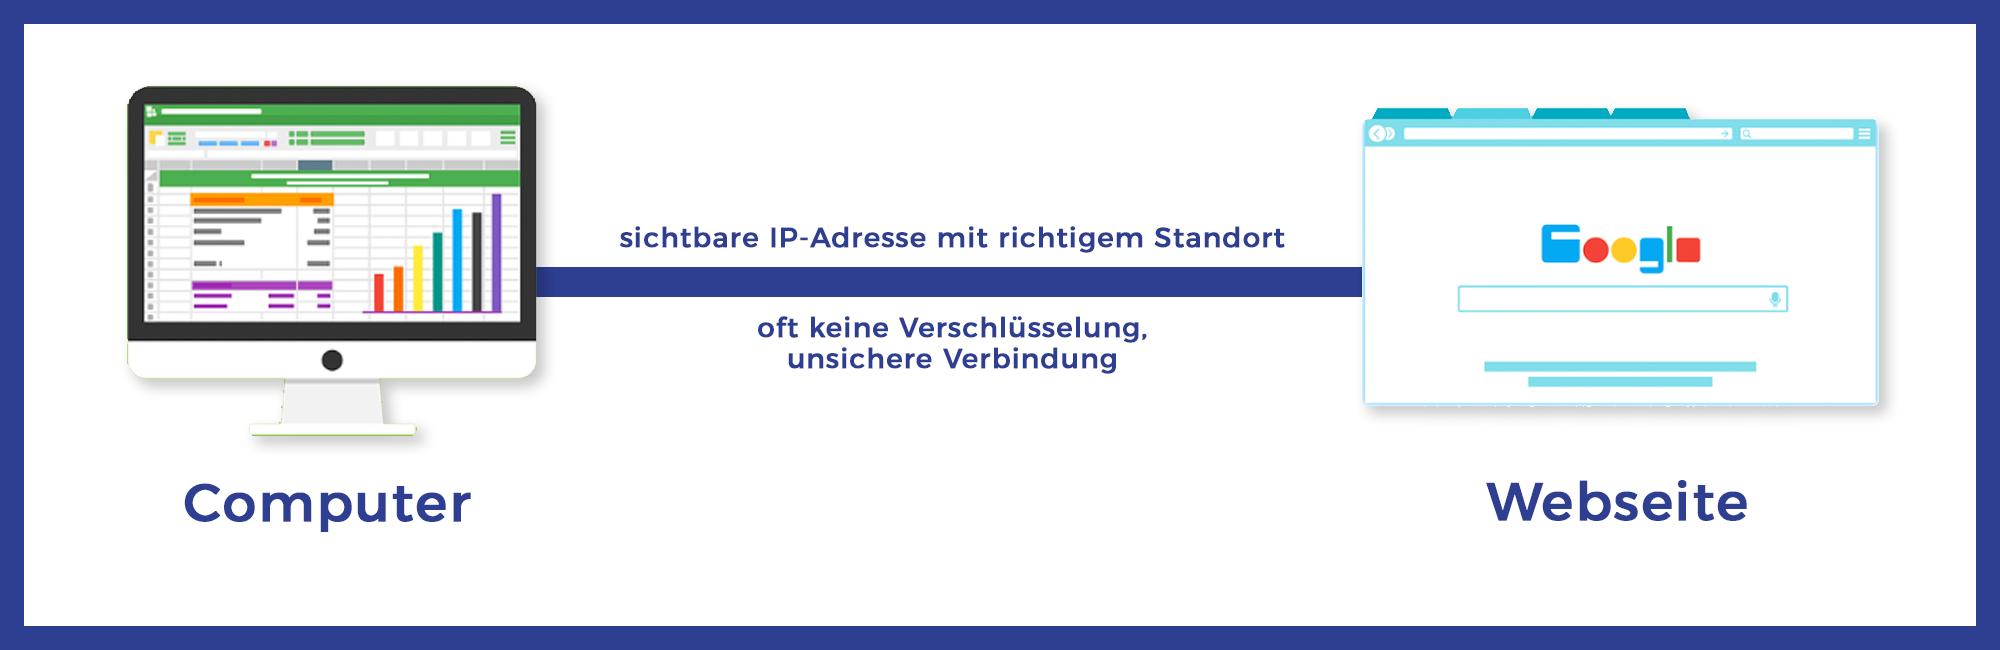 Beispiel: Verbindung ohne VPN